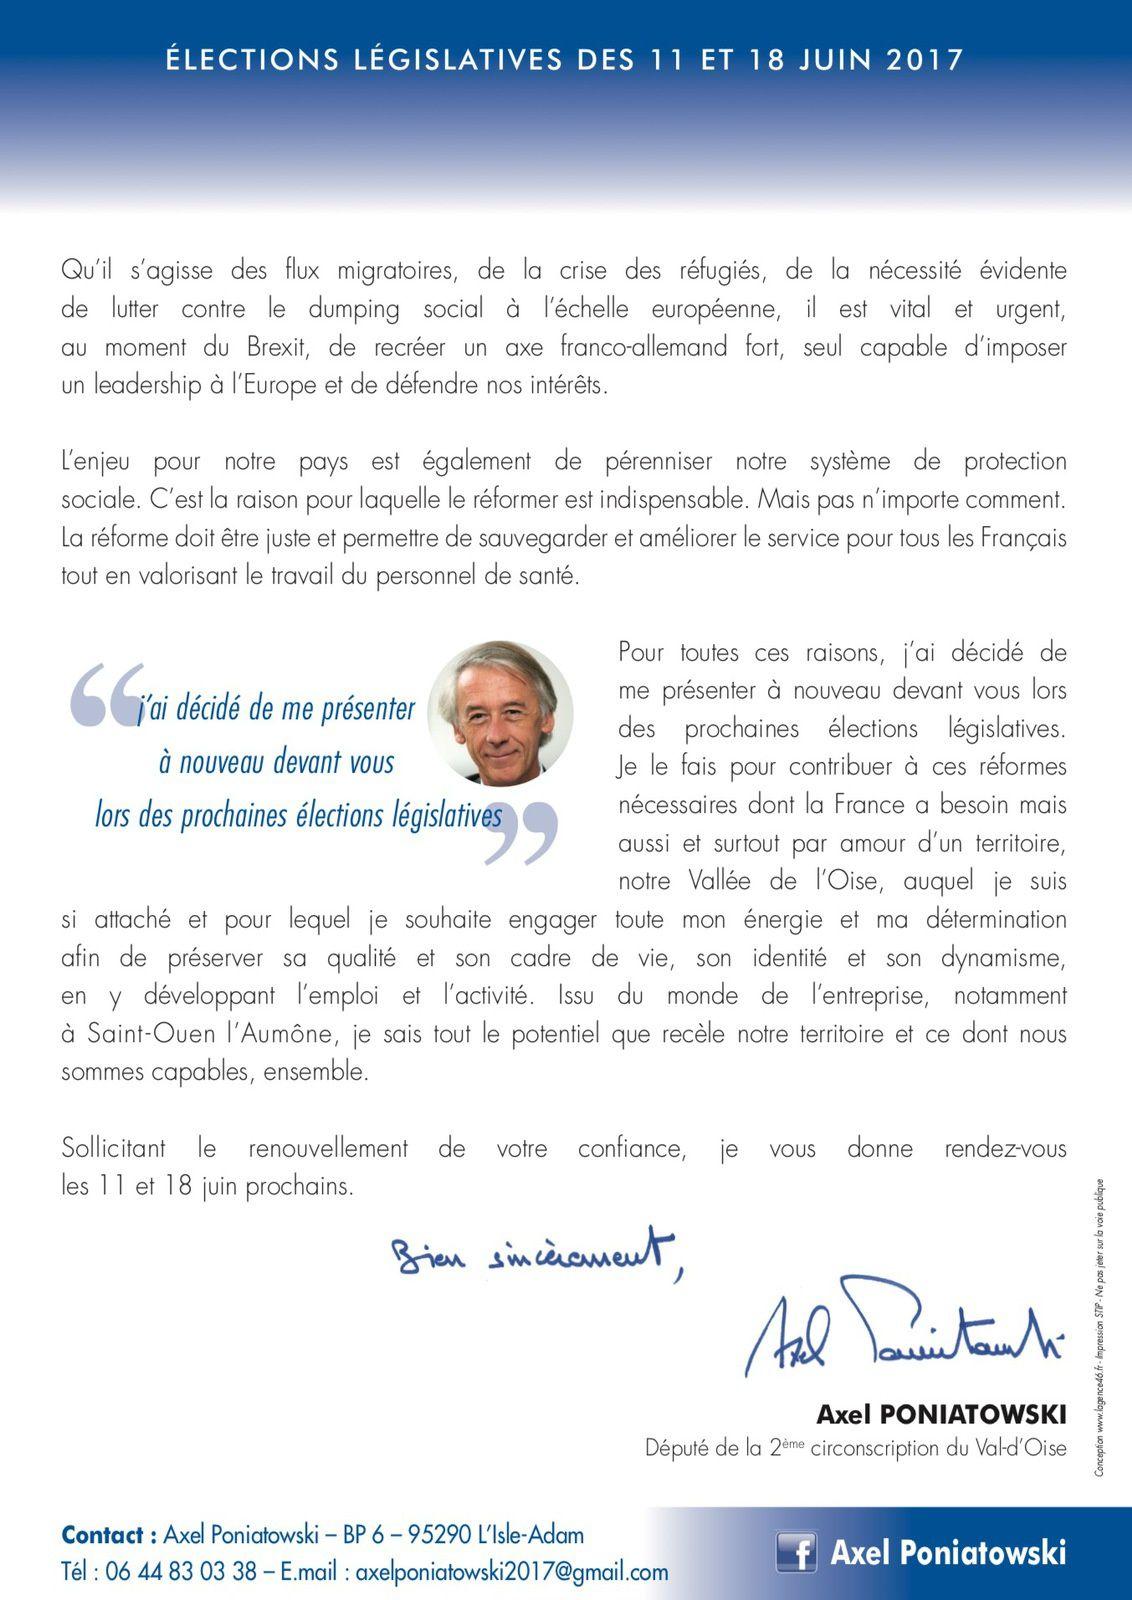 Lettre d'annonce de candidature d'Axel Poniatowski